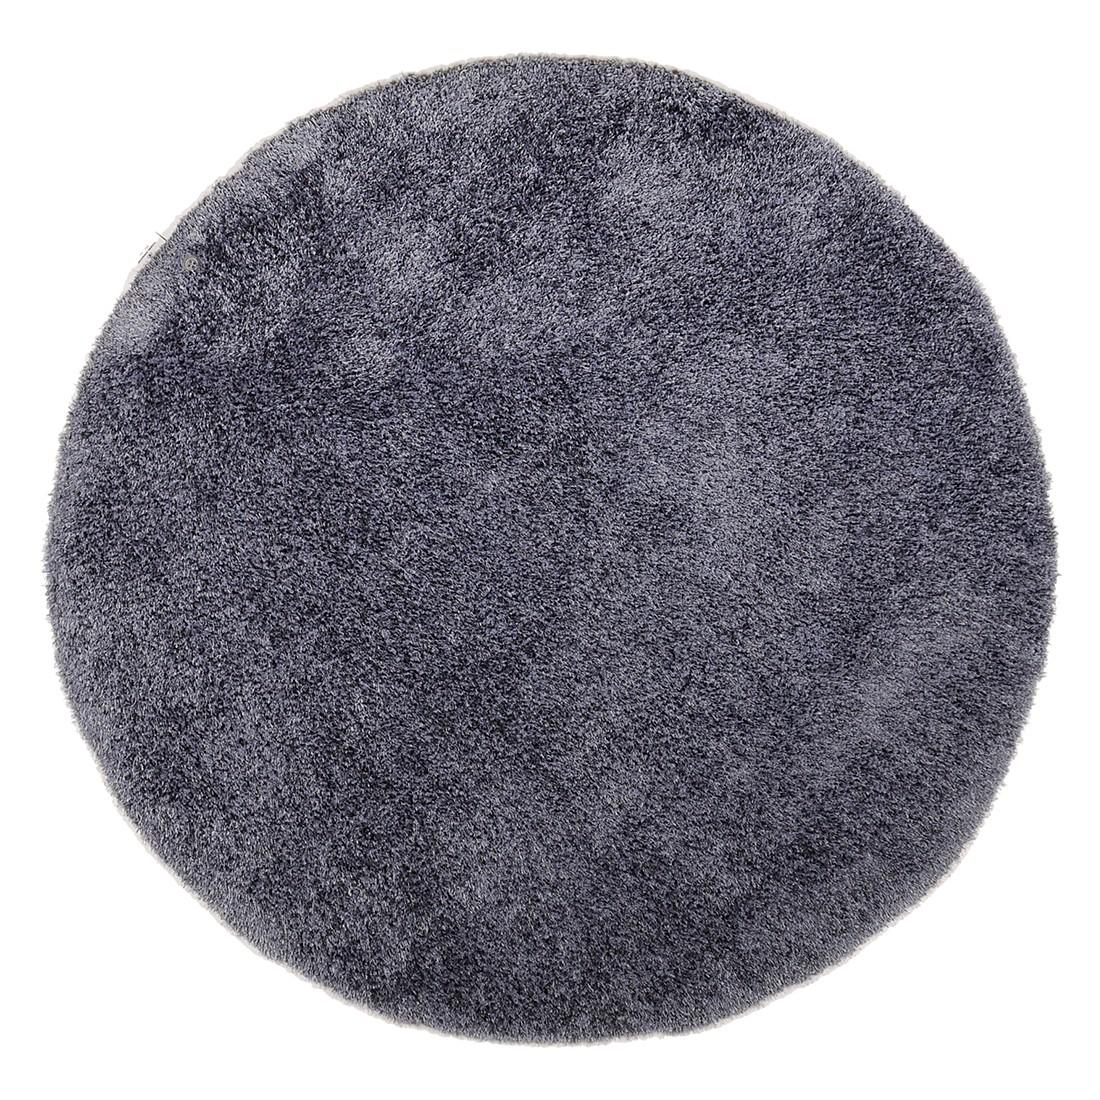 Teppich Soft Round - Anthrazit - Maße: 140 x 140 cm, Tom Tailor